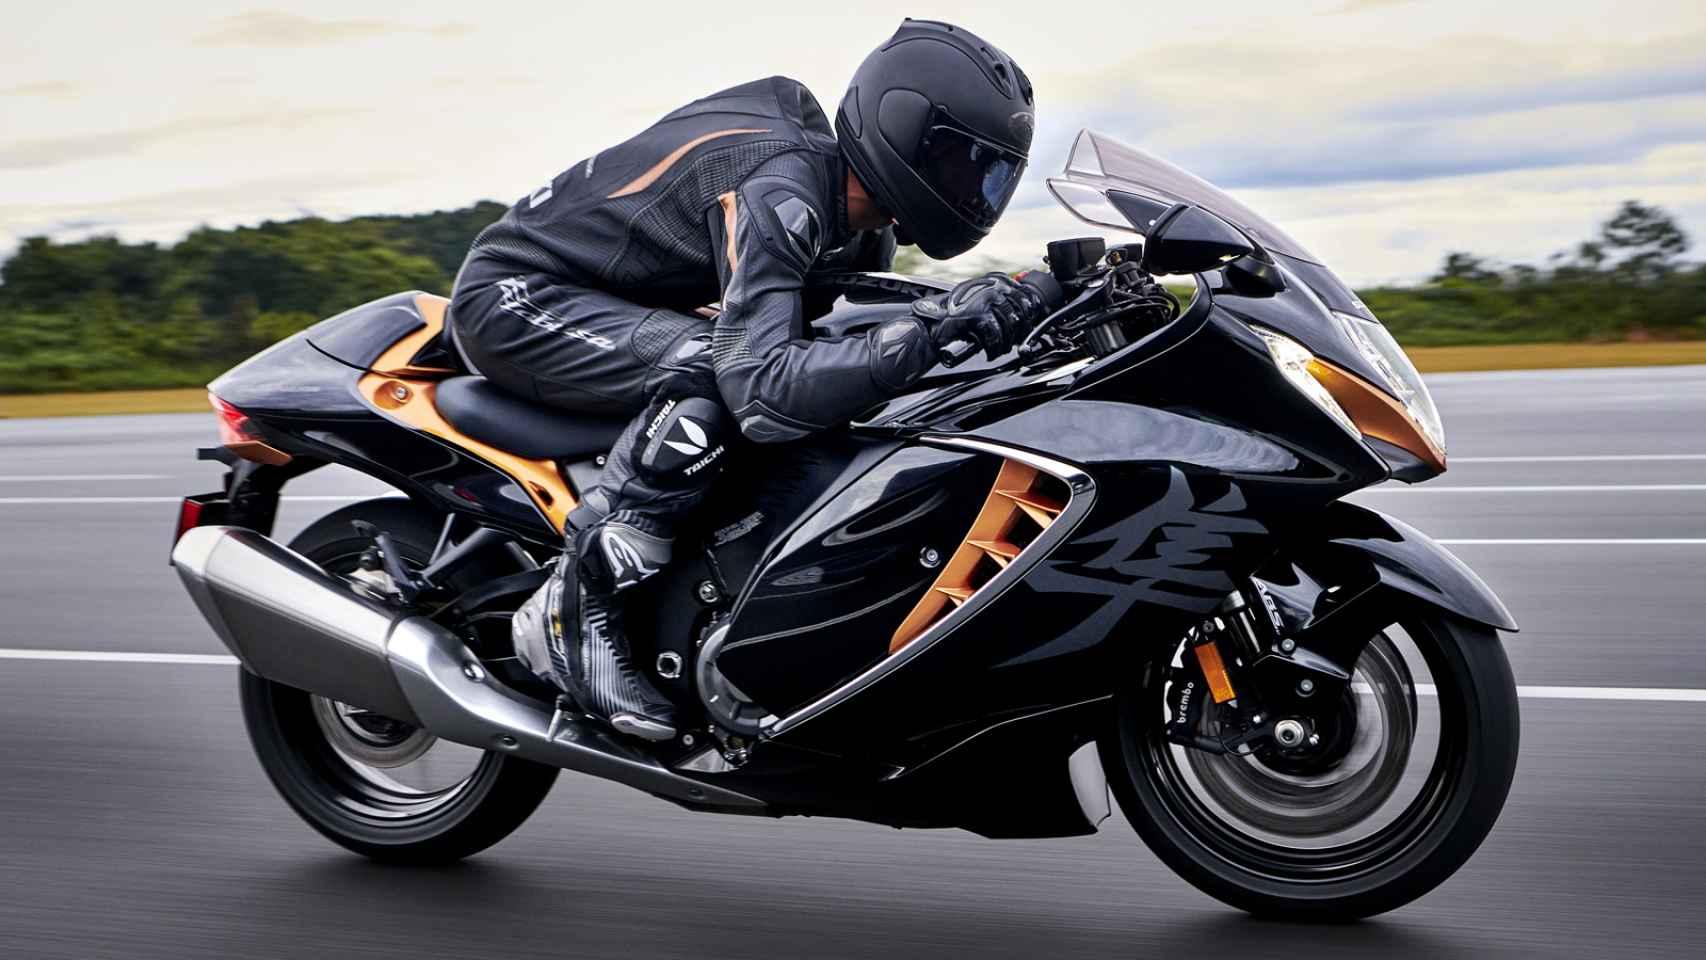 Vuelve la Suzuki Hayabusa, la moto de los 300 km/h de velocidad máxima